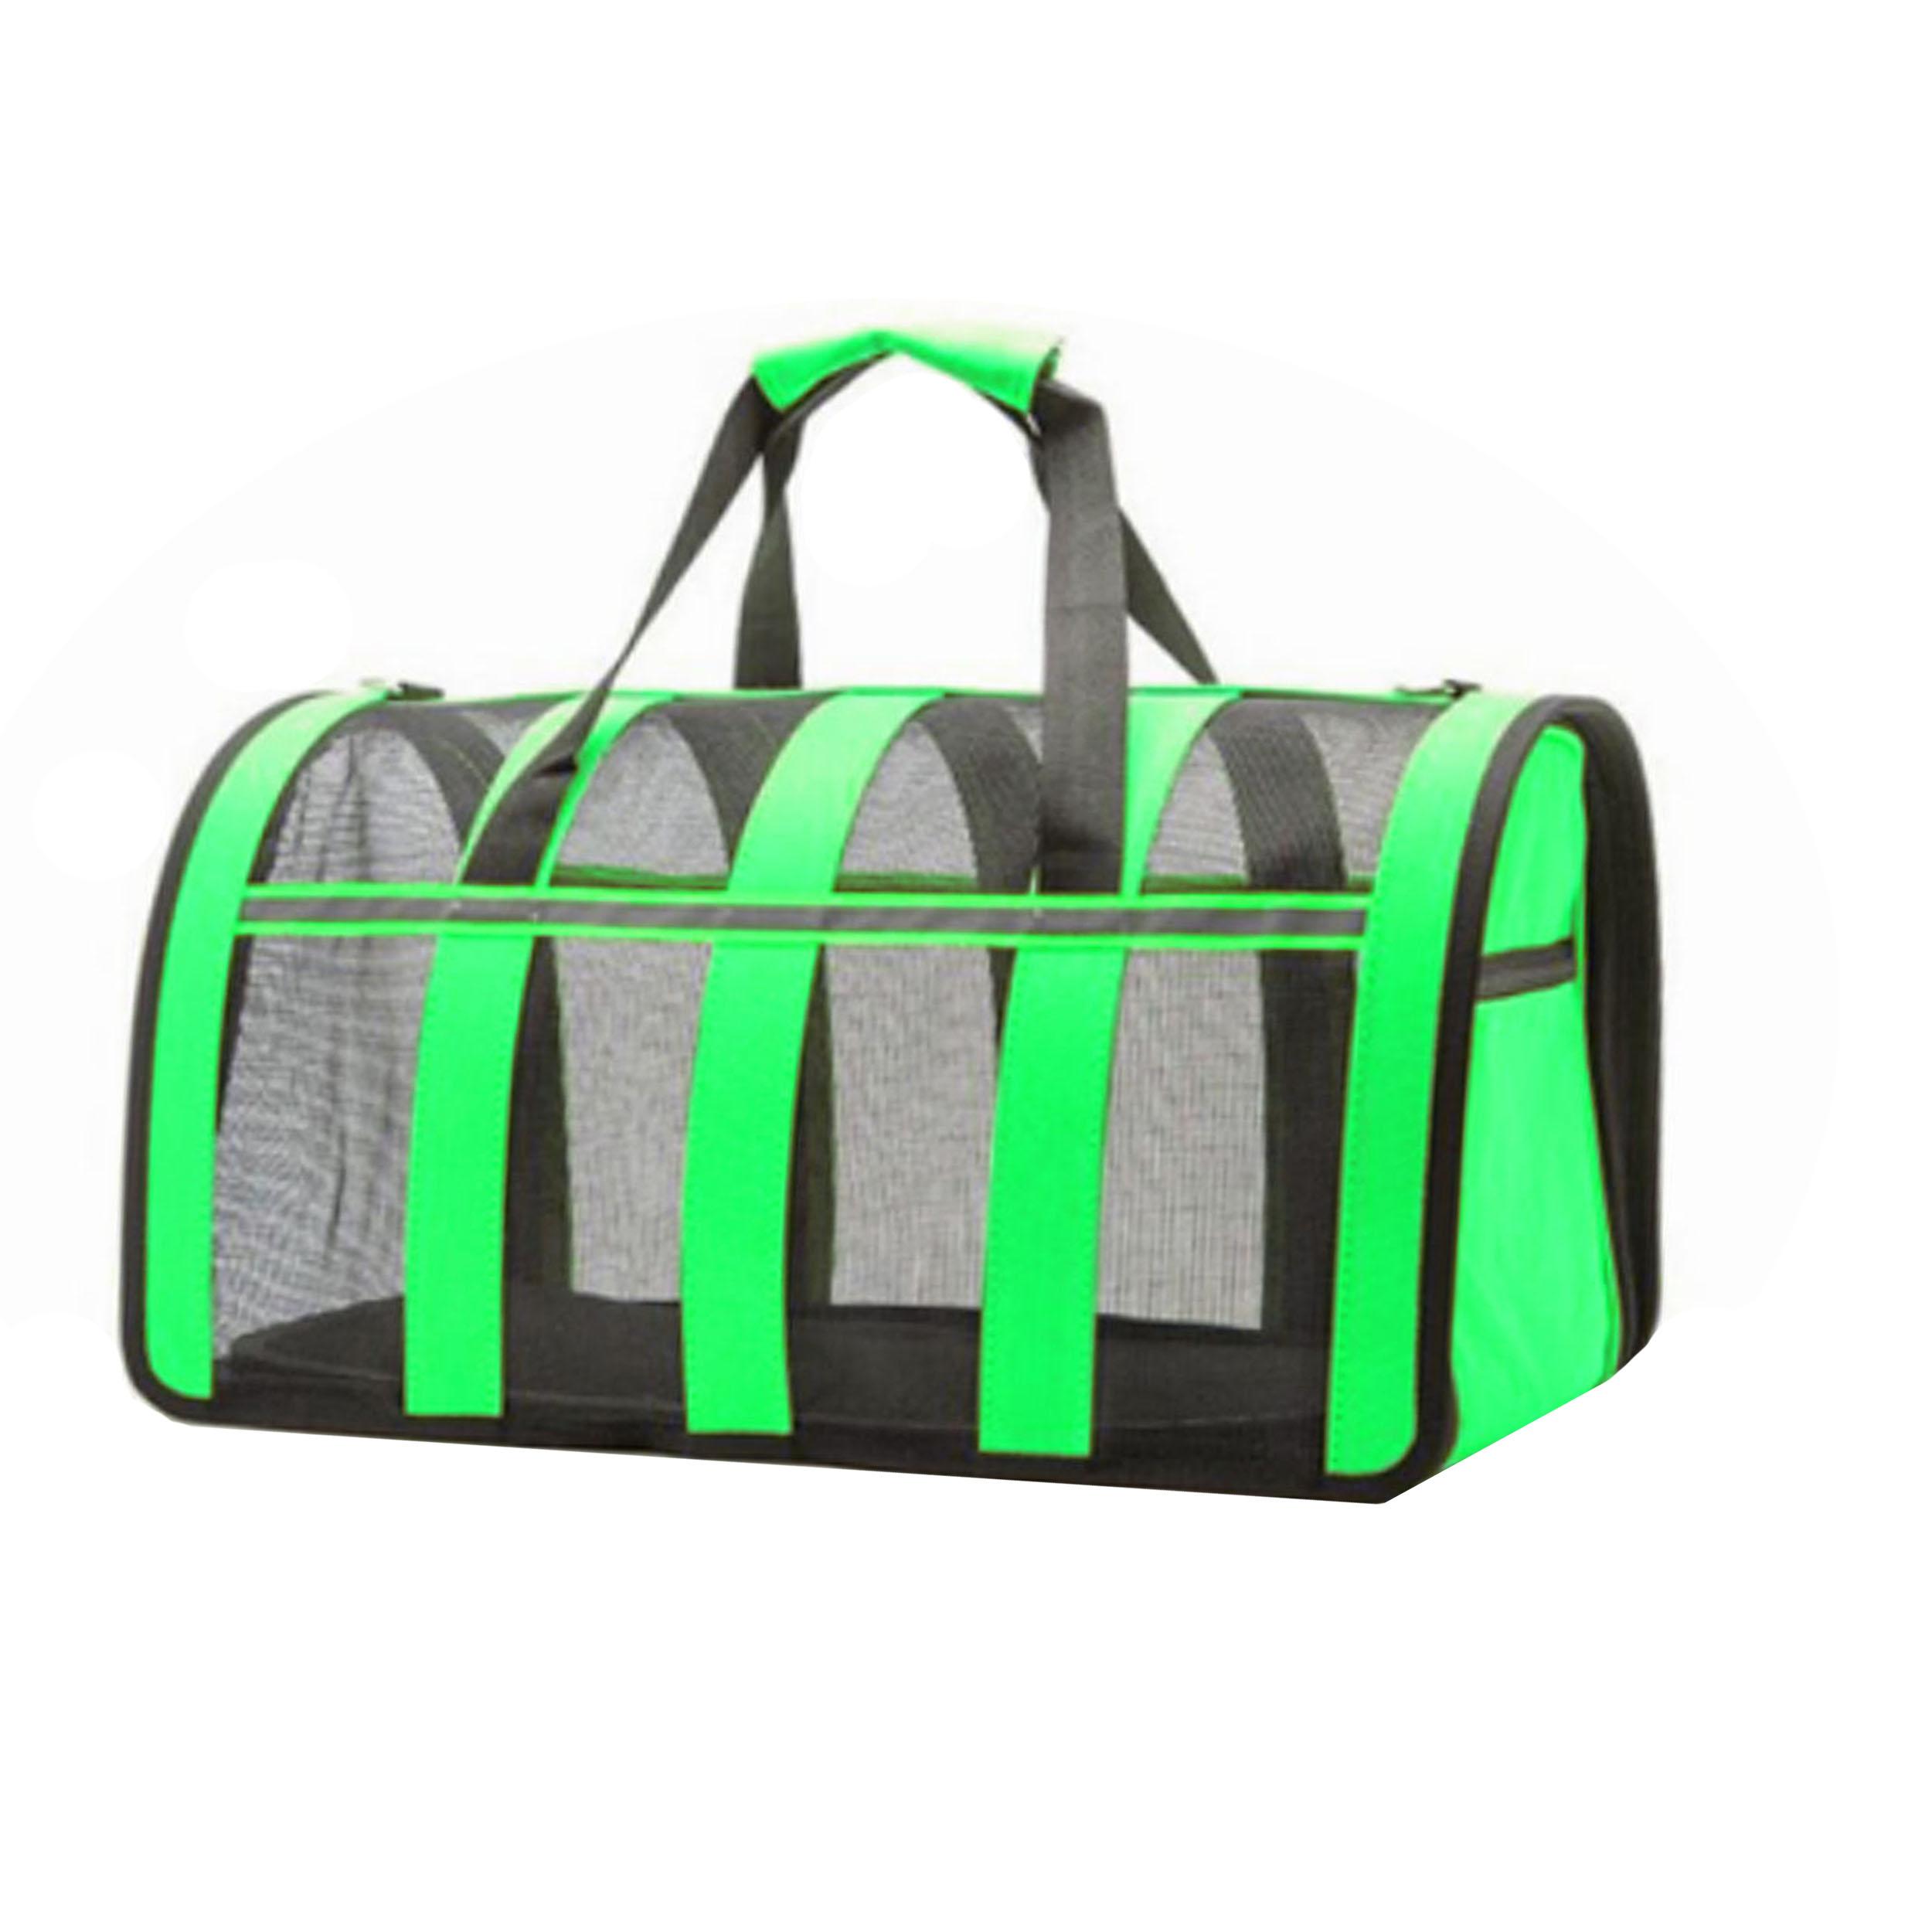 کیف حمل سگ و گربه مدل Sm1 کد 12